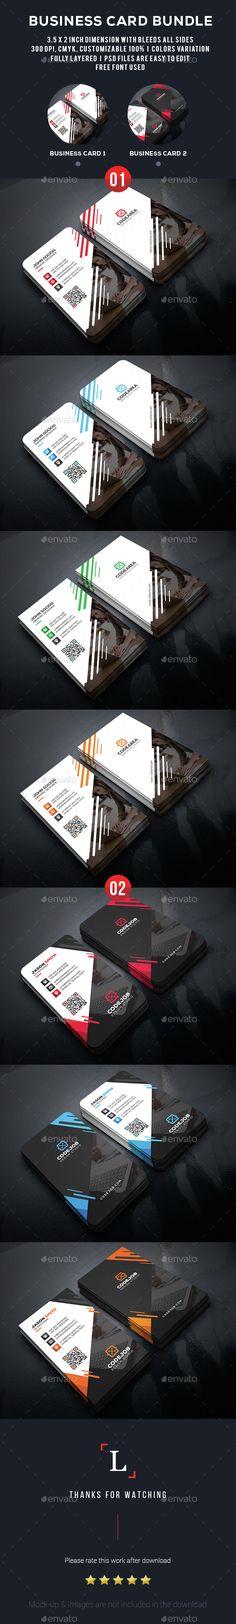 Elegant Business Card Bundle Template PSD. Download here: http://graphicriver.net/item/elegant-business-card-bundle/15352628?ref=ksioks